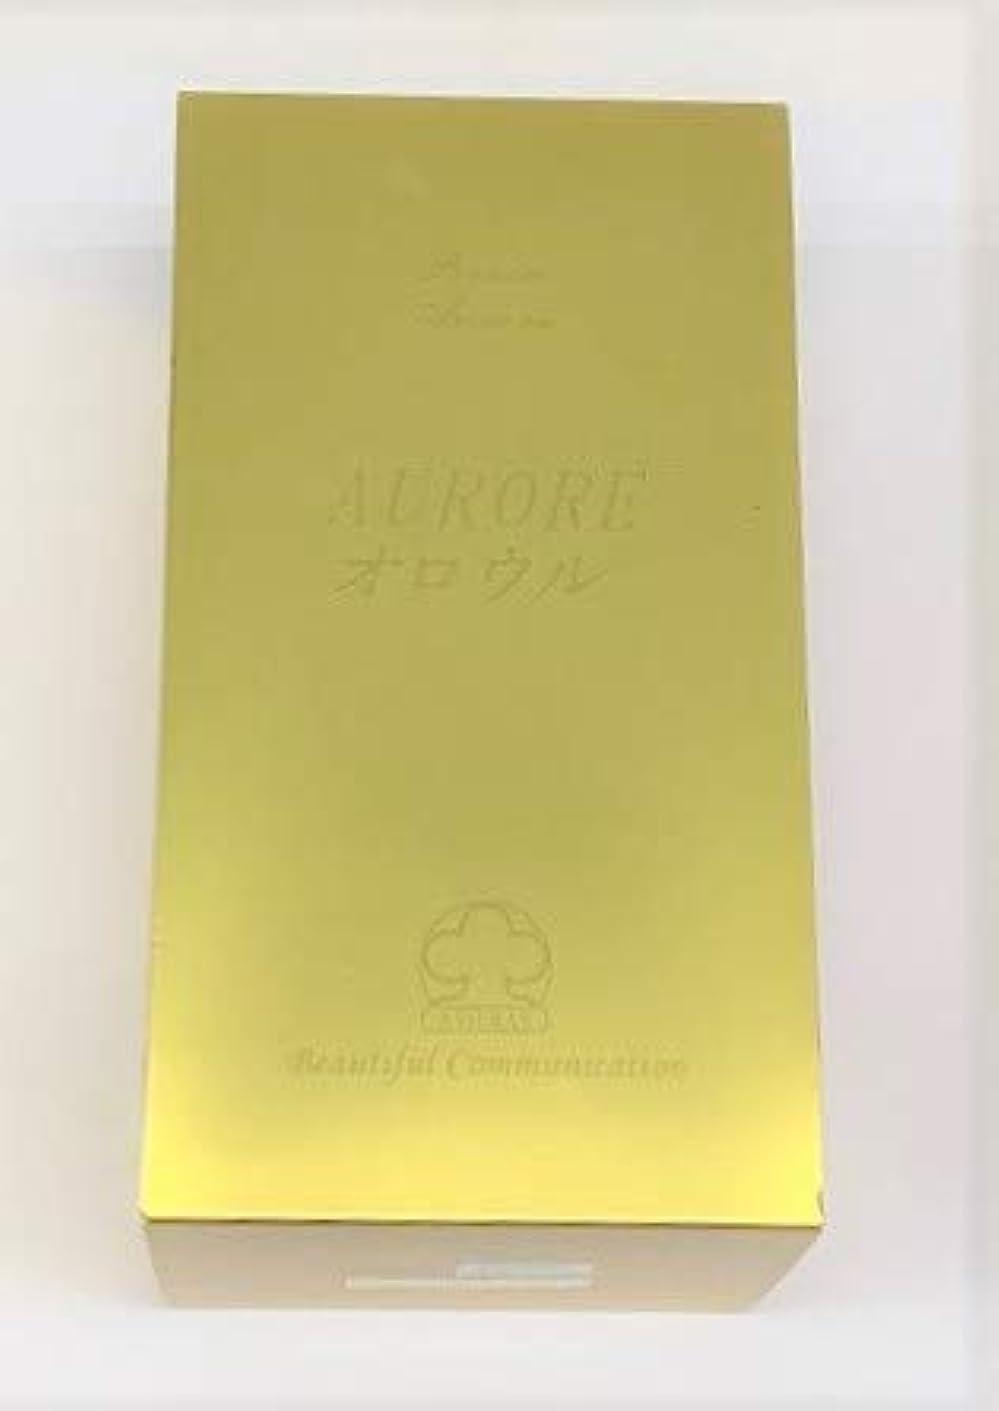 薄める哀回想アシュラン オウロル (美容液) 50g プラノアシュラン 901 アシュラン化粧品